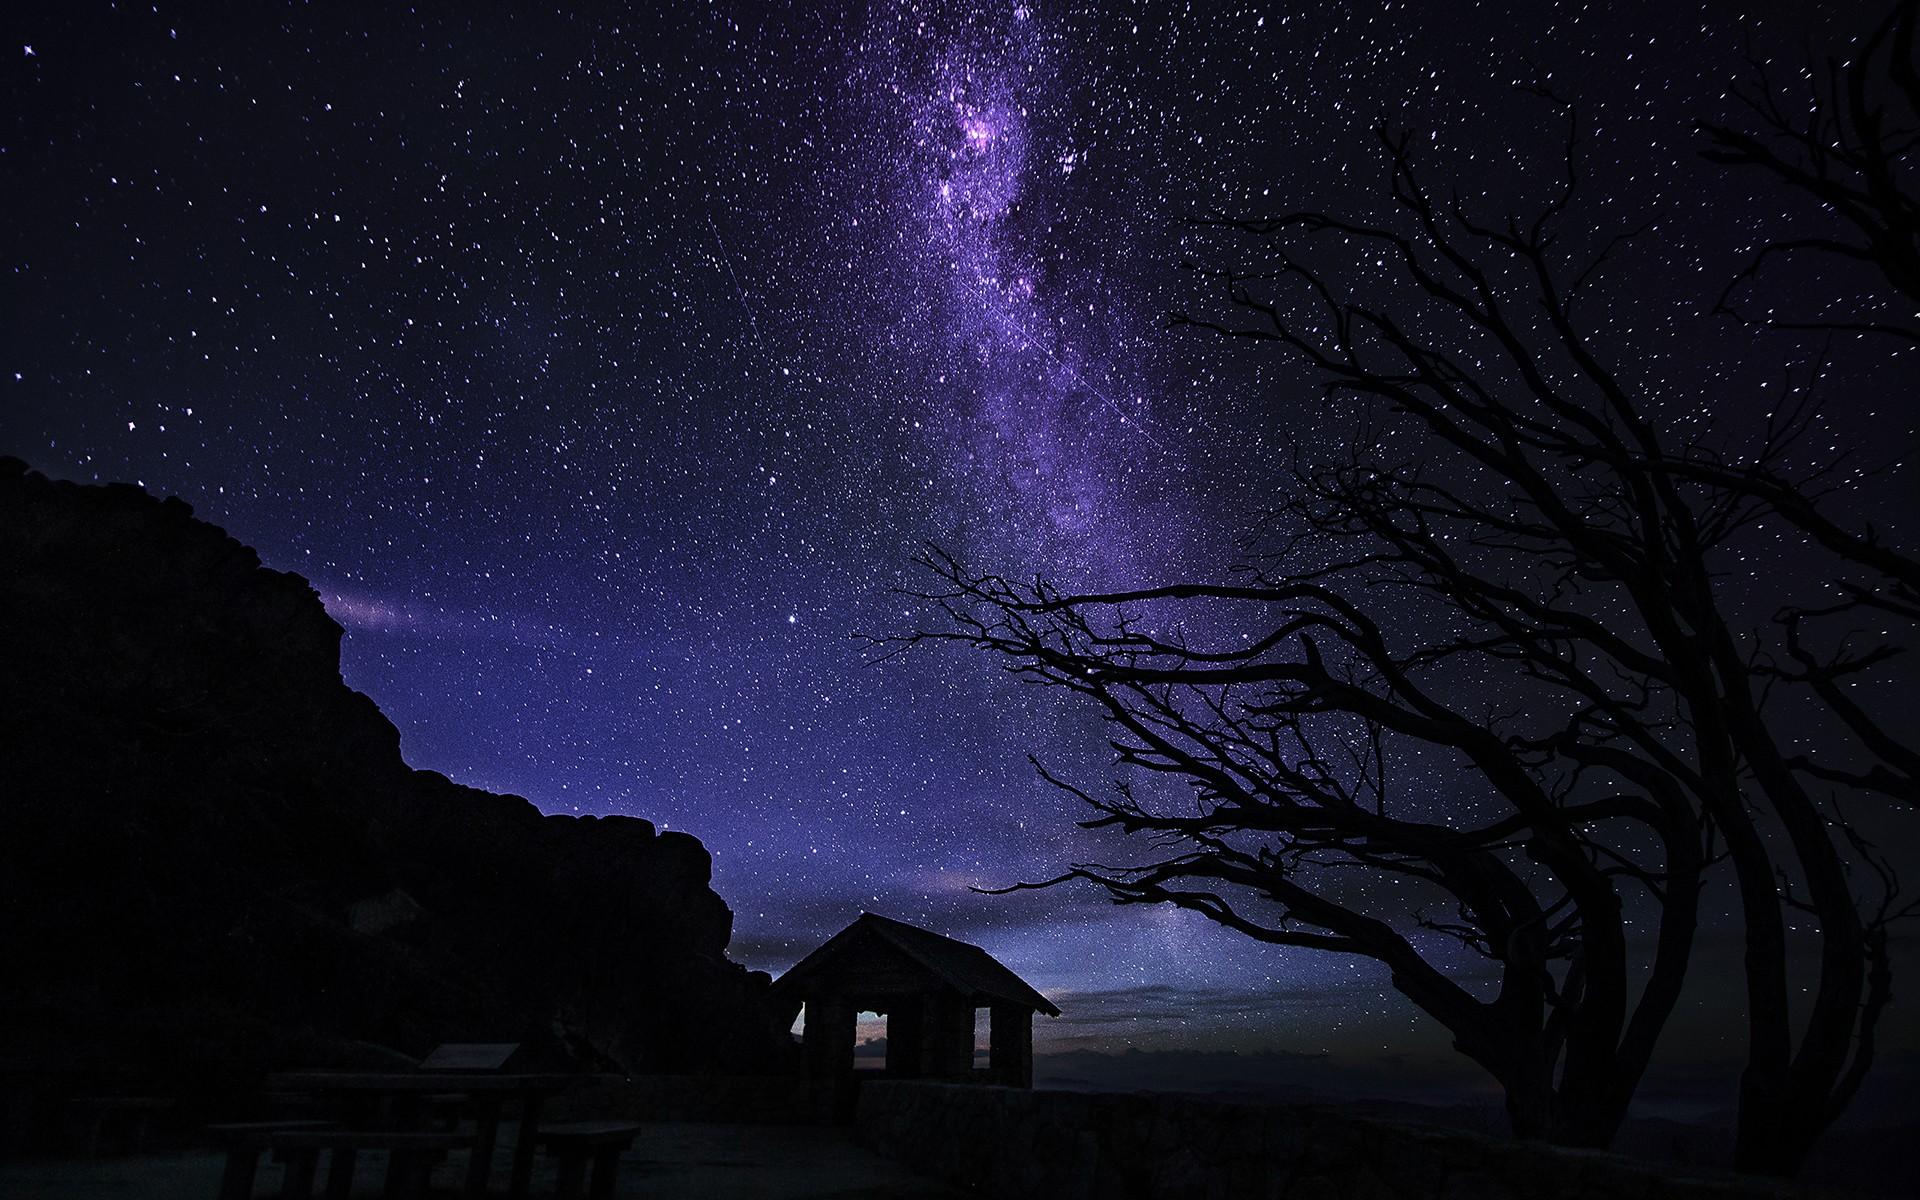 Большая картинка звездной ночи